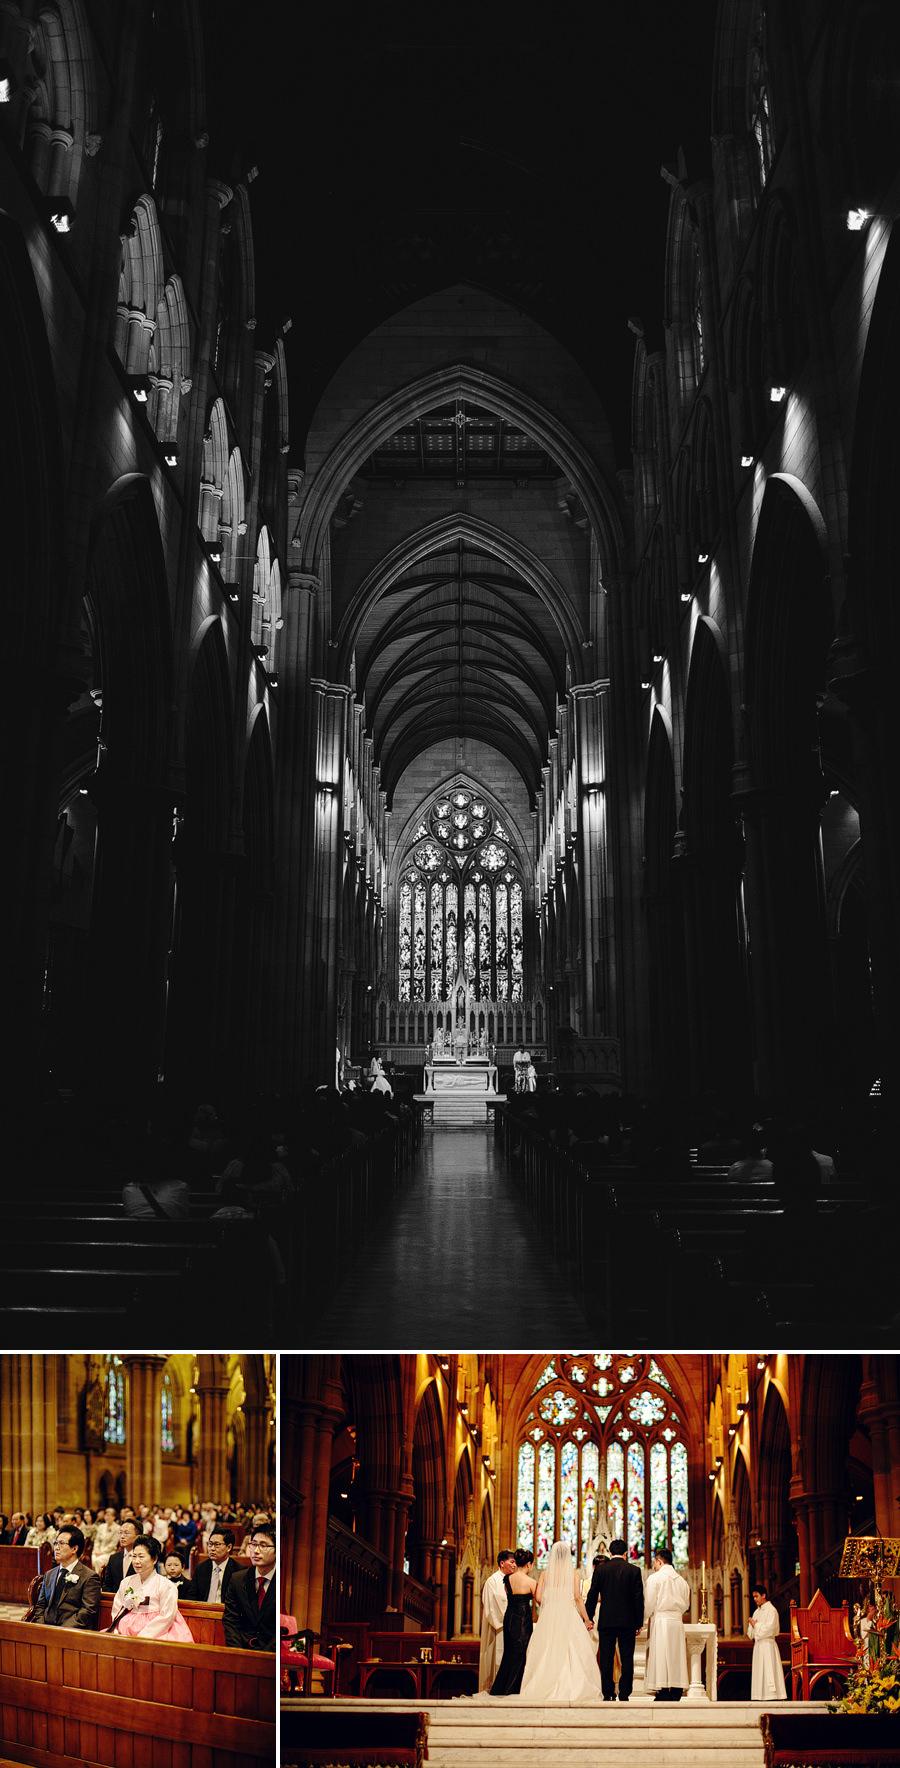 St Marys Cathedral Sydney Wedding Photographer: Aisle